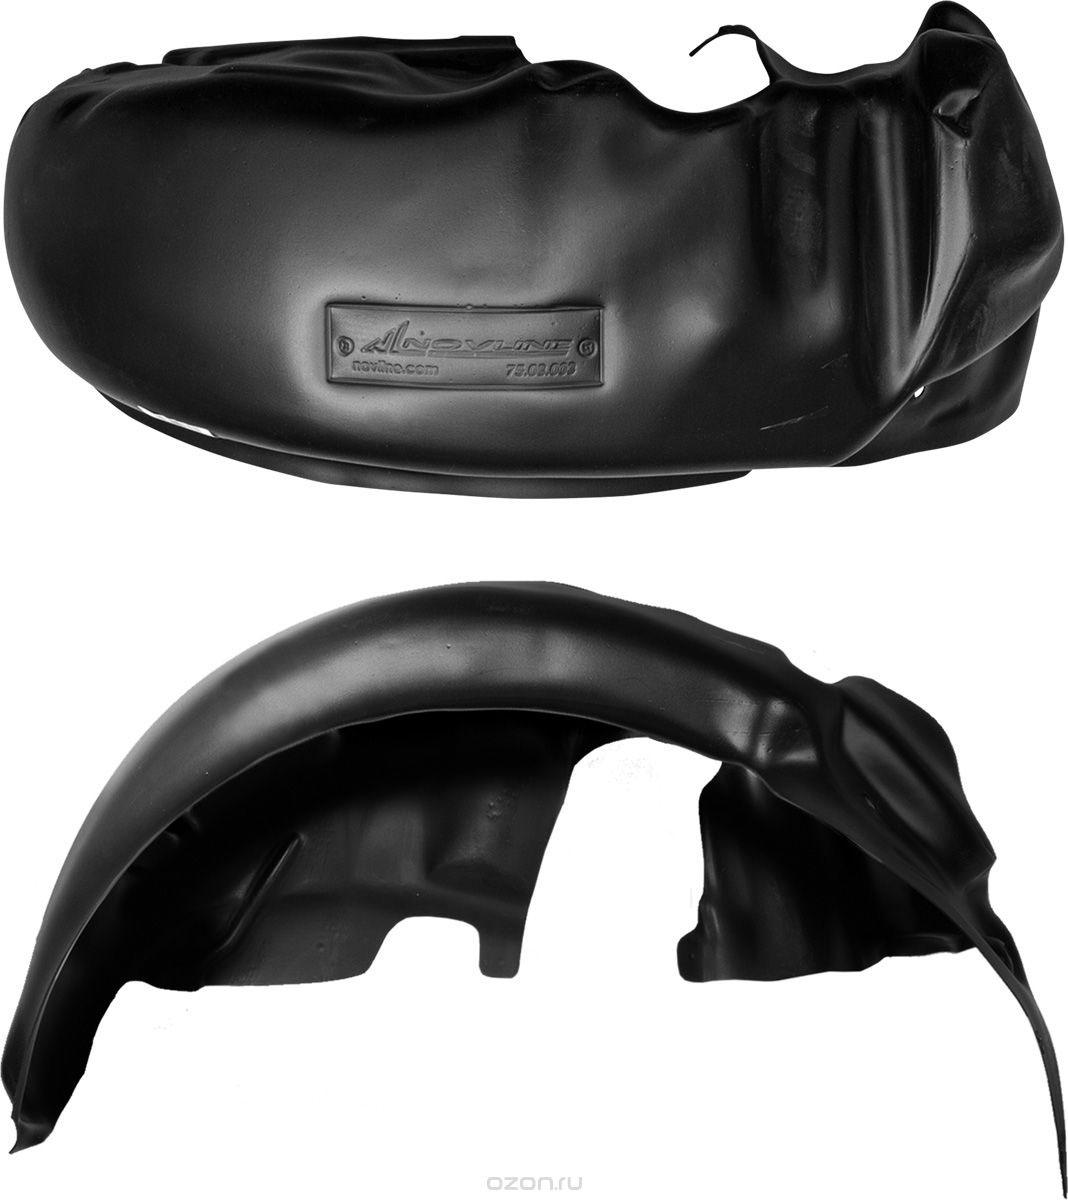 Подкрылок Novline-Autofamily, для Hyundai i30, 2007-2011, передний правыйNLL.20.28.002Идеальная защита колесной ниши. Локеры разработаны с применением цифровых технологий, гарантируют максимальную повторяемость поверхности арки. Изделия устанавливаются без нарушения лакокрасочного покрытия автомобиля, каждый подкрылок комплектуется крепежом. Уважаемые клиенты, обращаем ваше внимание, что фотографии на подкрылки универсальные и не отражают реальную форму изделия. При этом само изделие идет точно под размер указанного автомобиля.